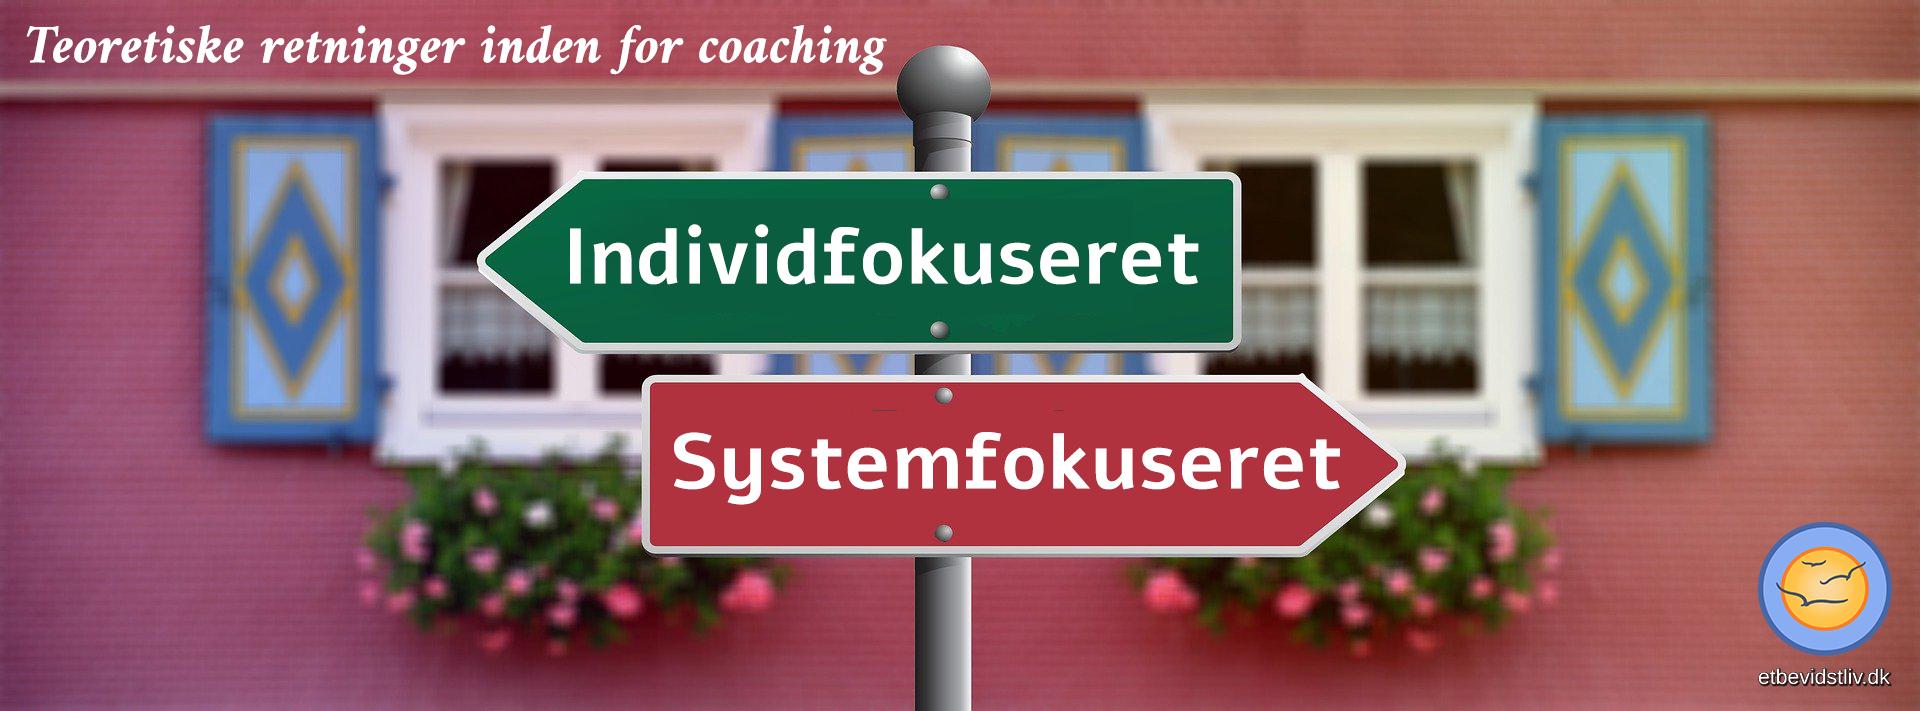 Teoretiske retninger inden for coaching: kognitiv coaching og systemisk coaching.